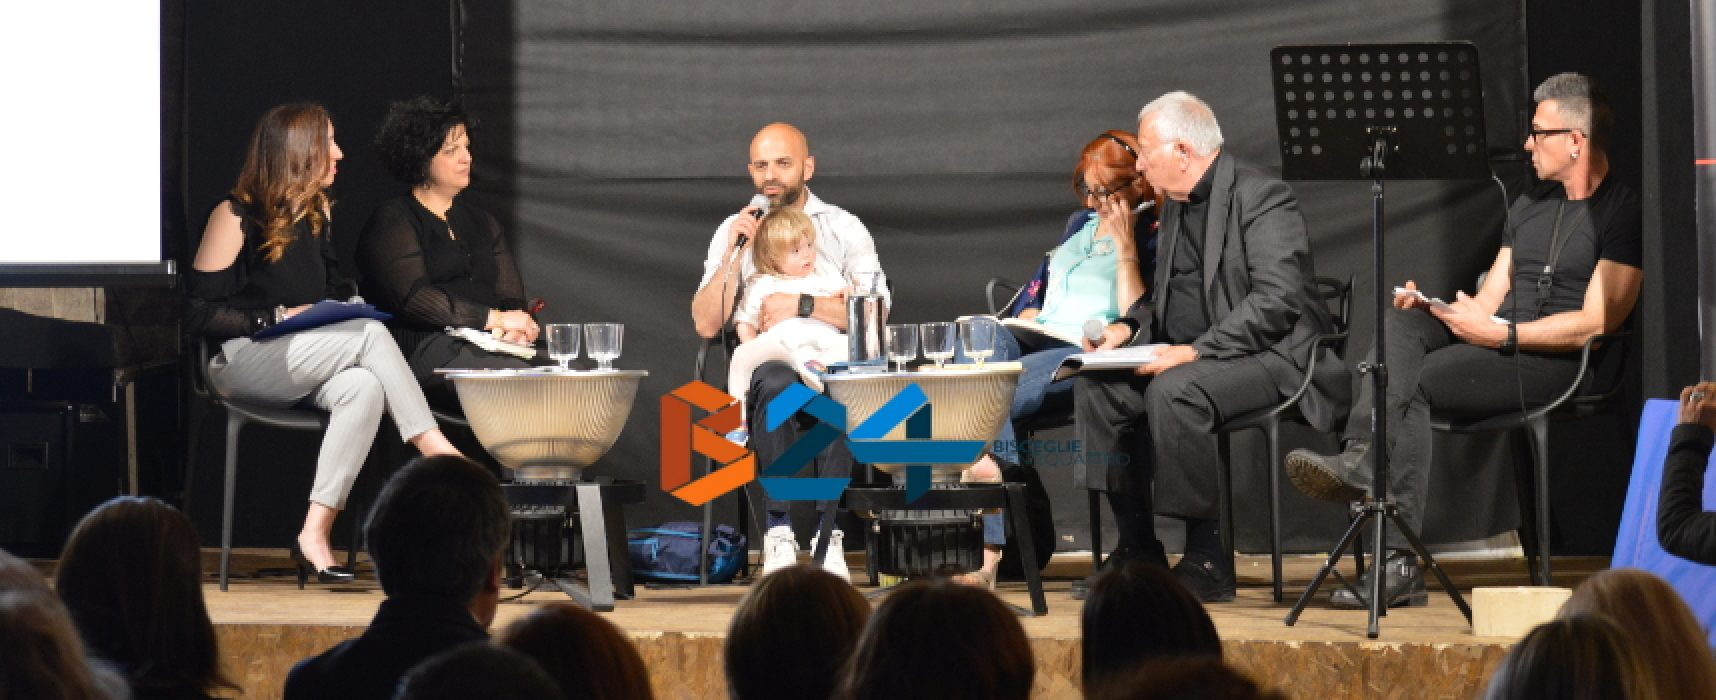 L'ora blu e Sinergie, Luca Trapanese e Alba, nati per parlare d'amore e trasmetterlo / FOTO